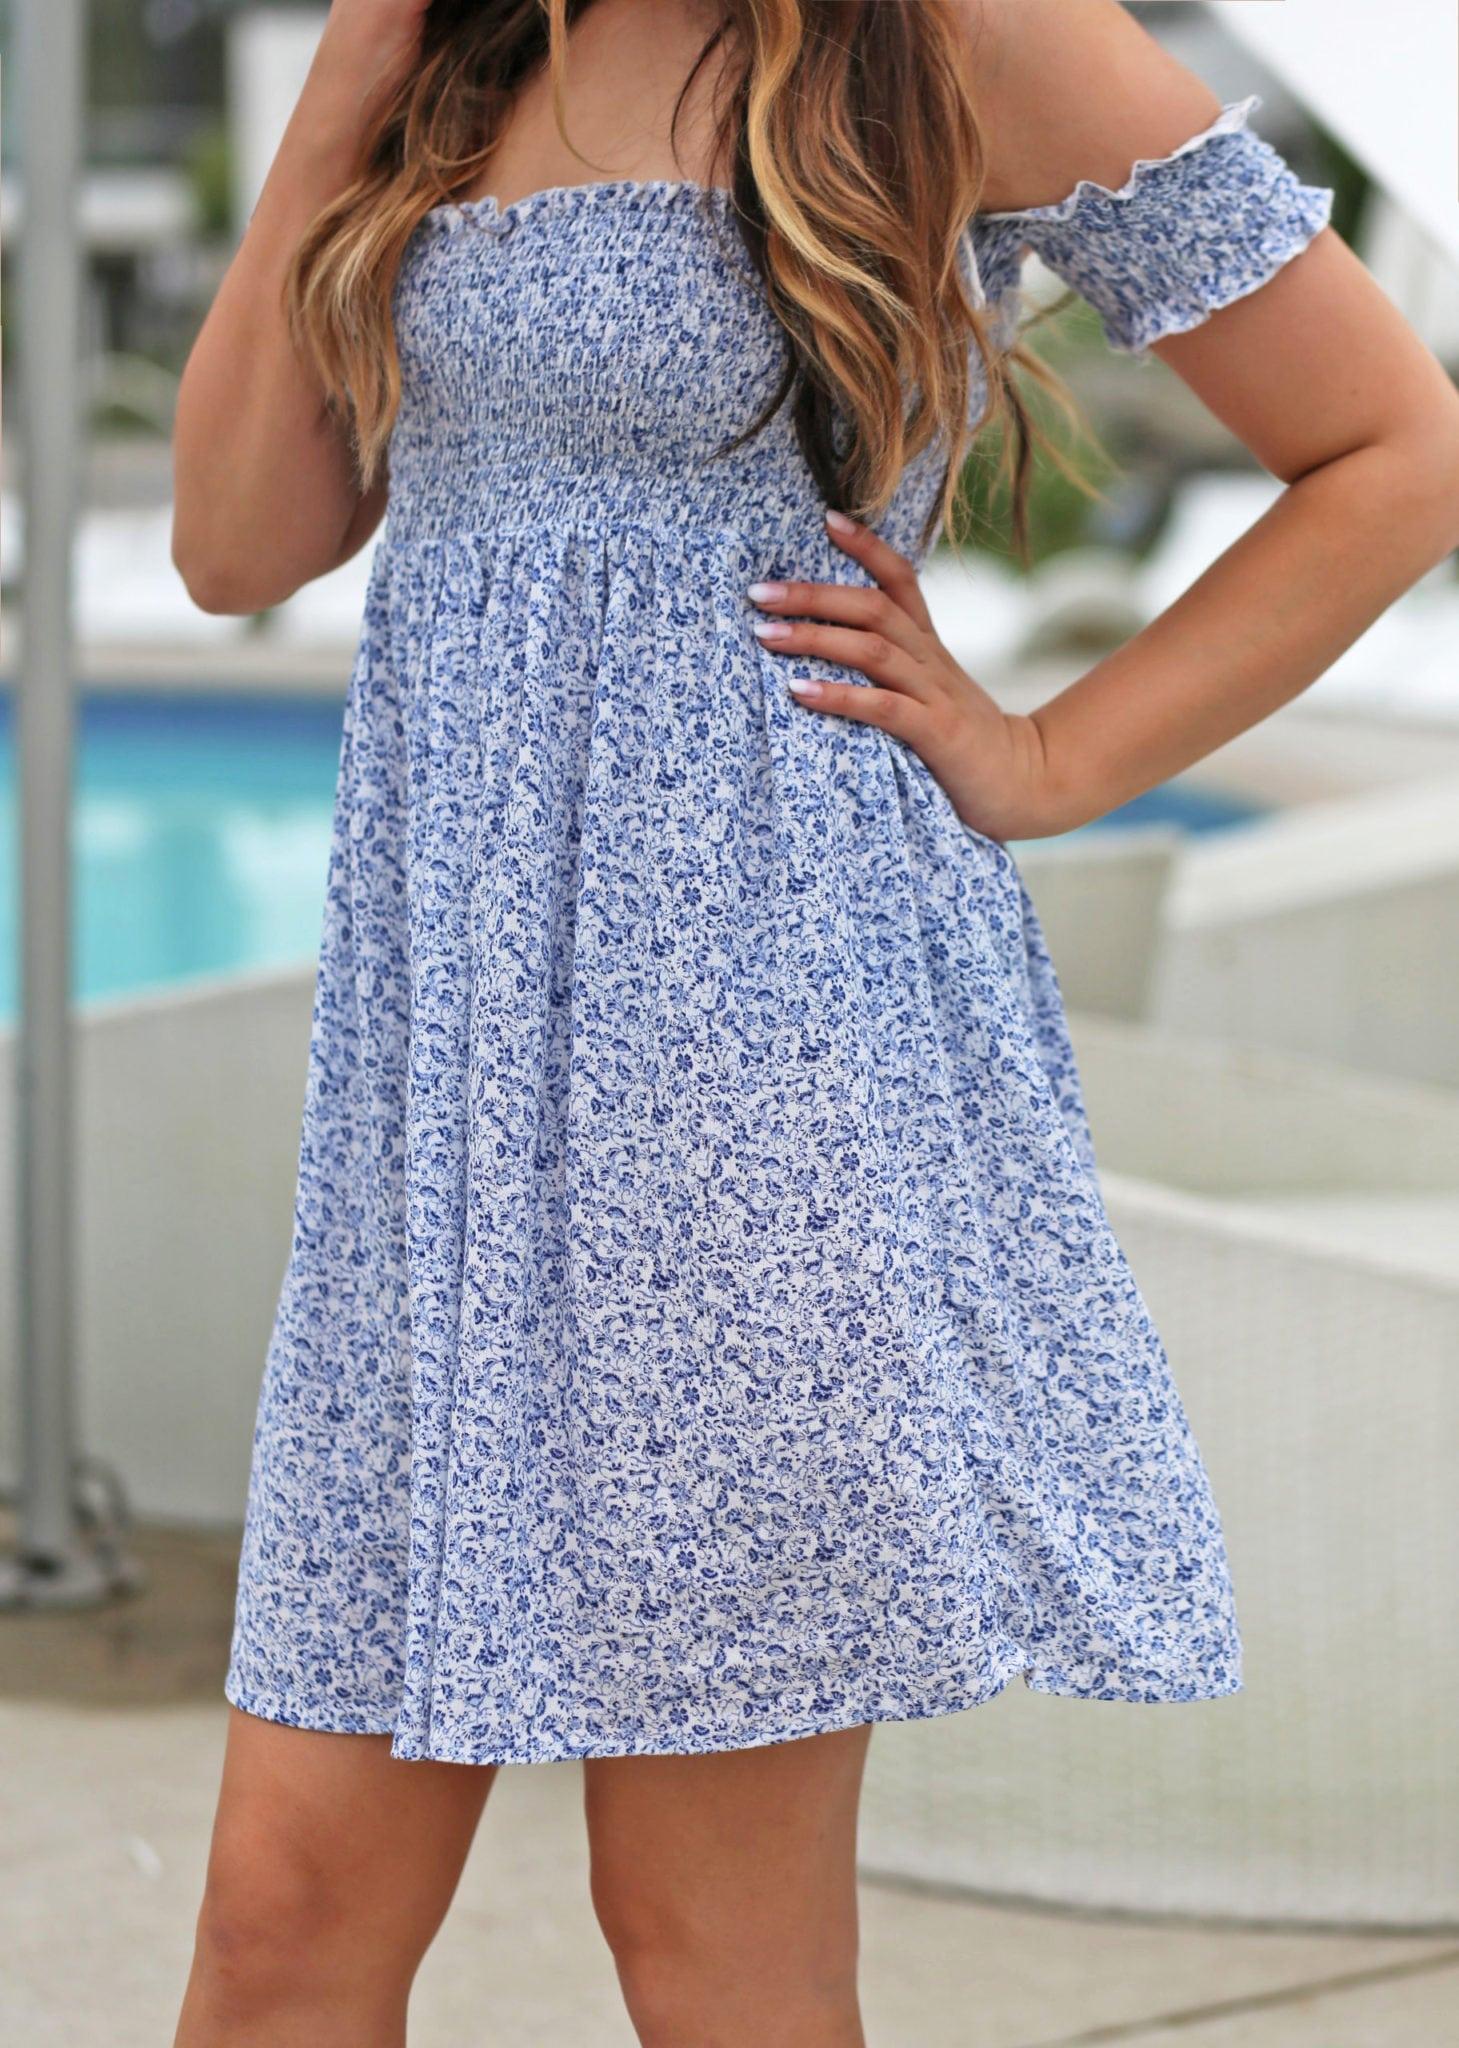 Mash Elle blogger |pool | blue white floral dress |blue shoes | summer outfit | Esterel resort